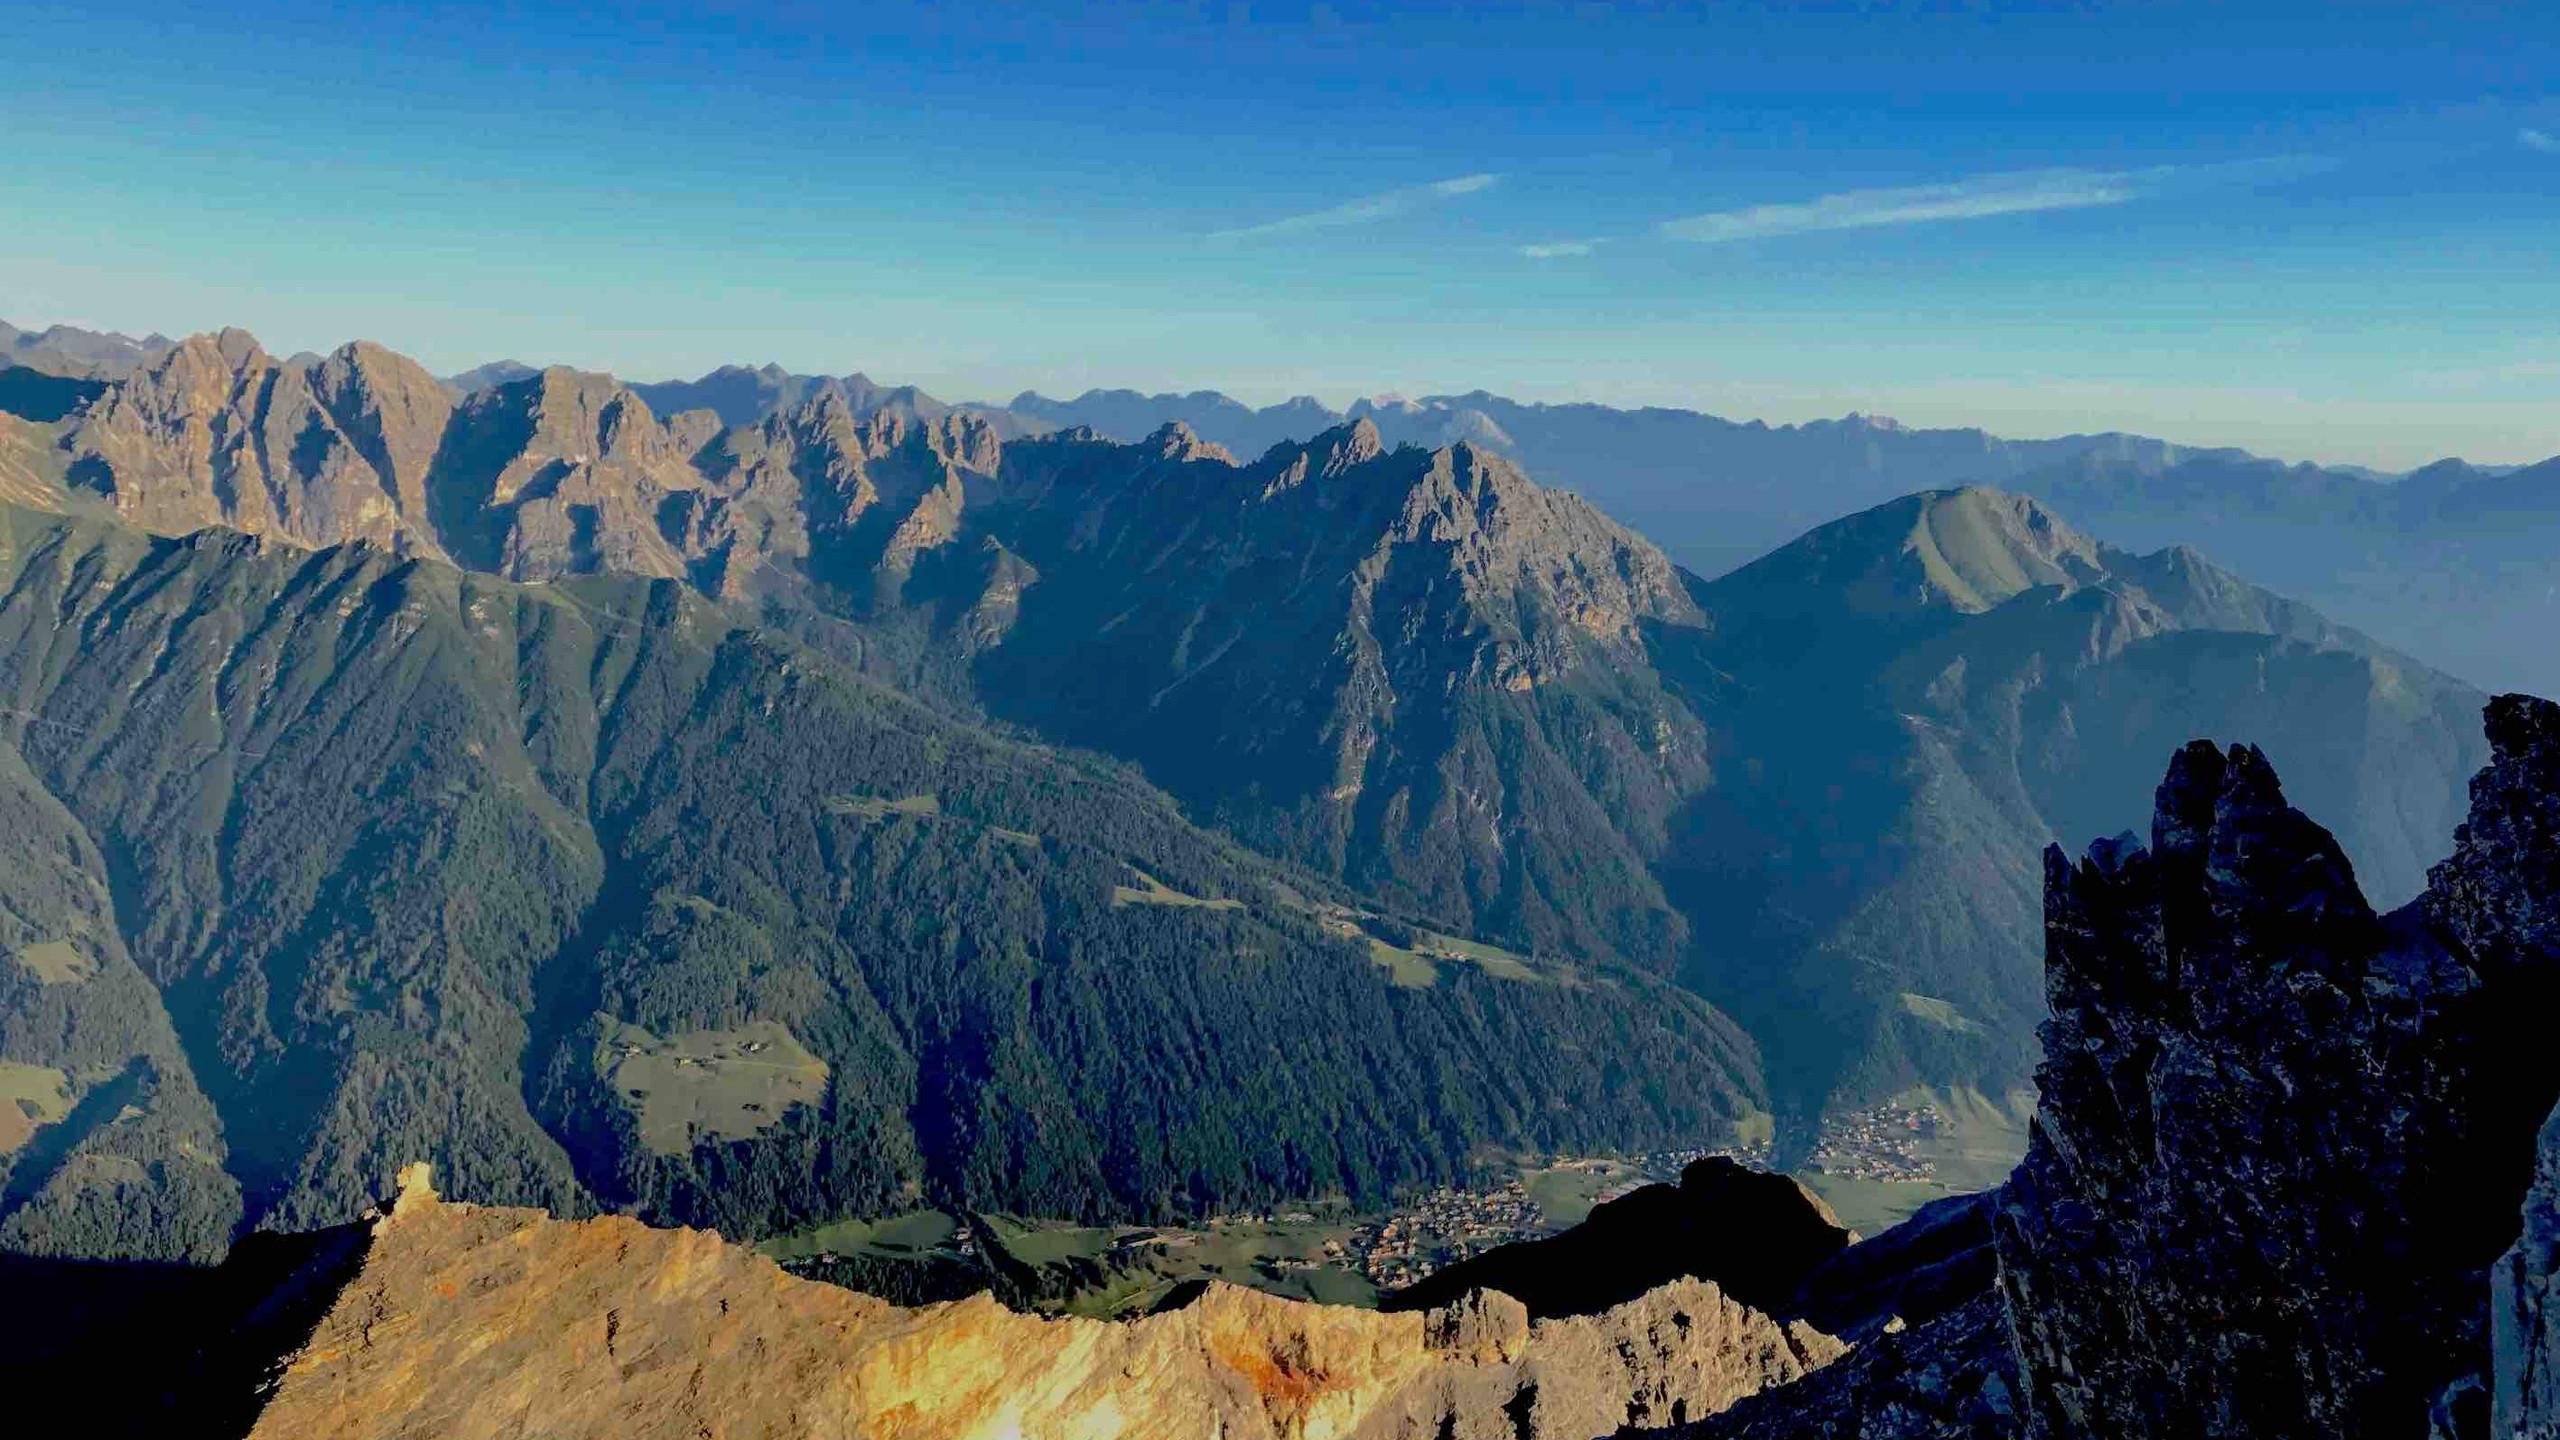 Umliegende Berge, Sonnenaufgangstour Serles